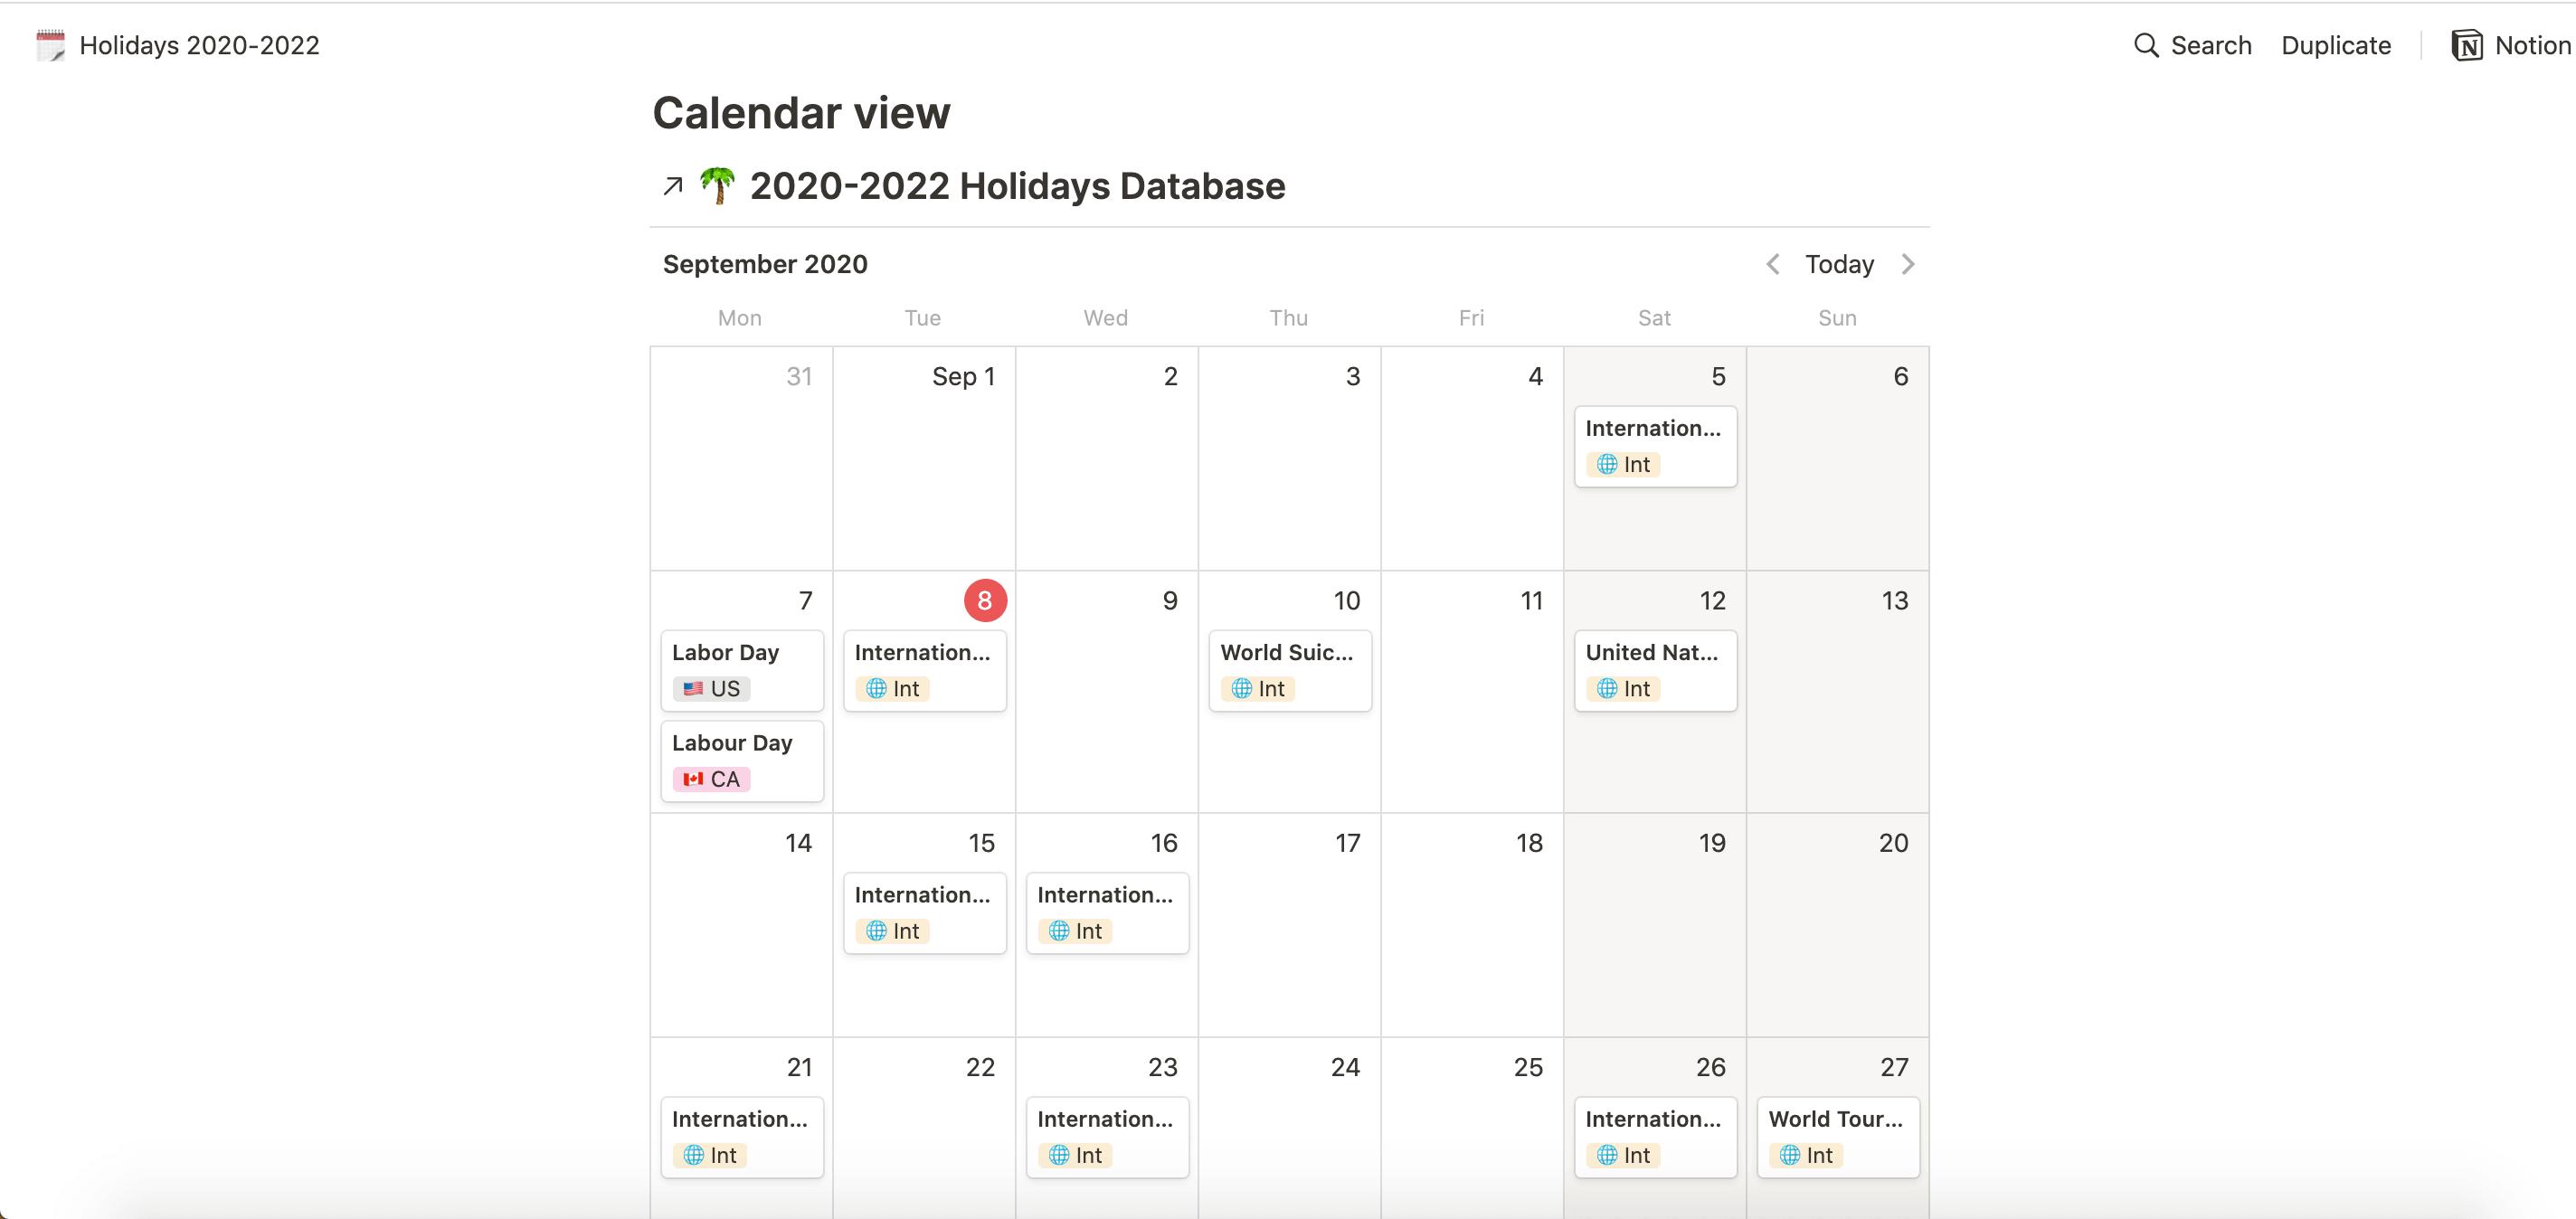 Holidays 2020-2022